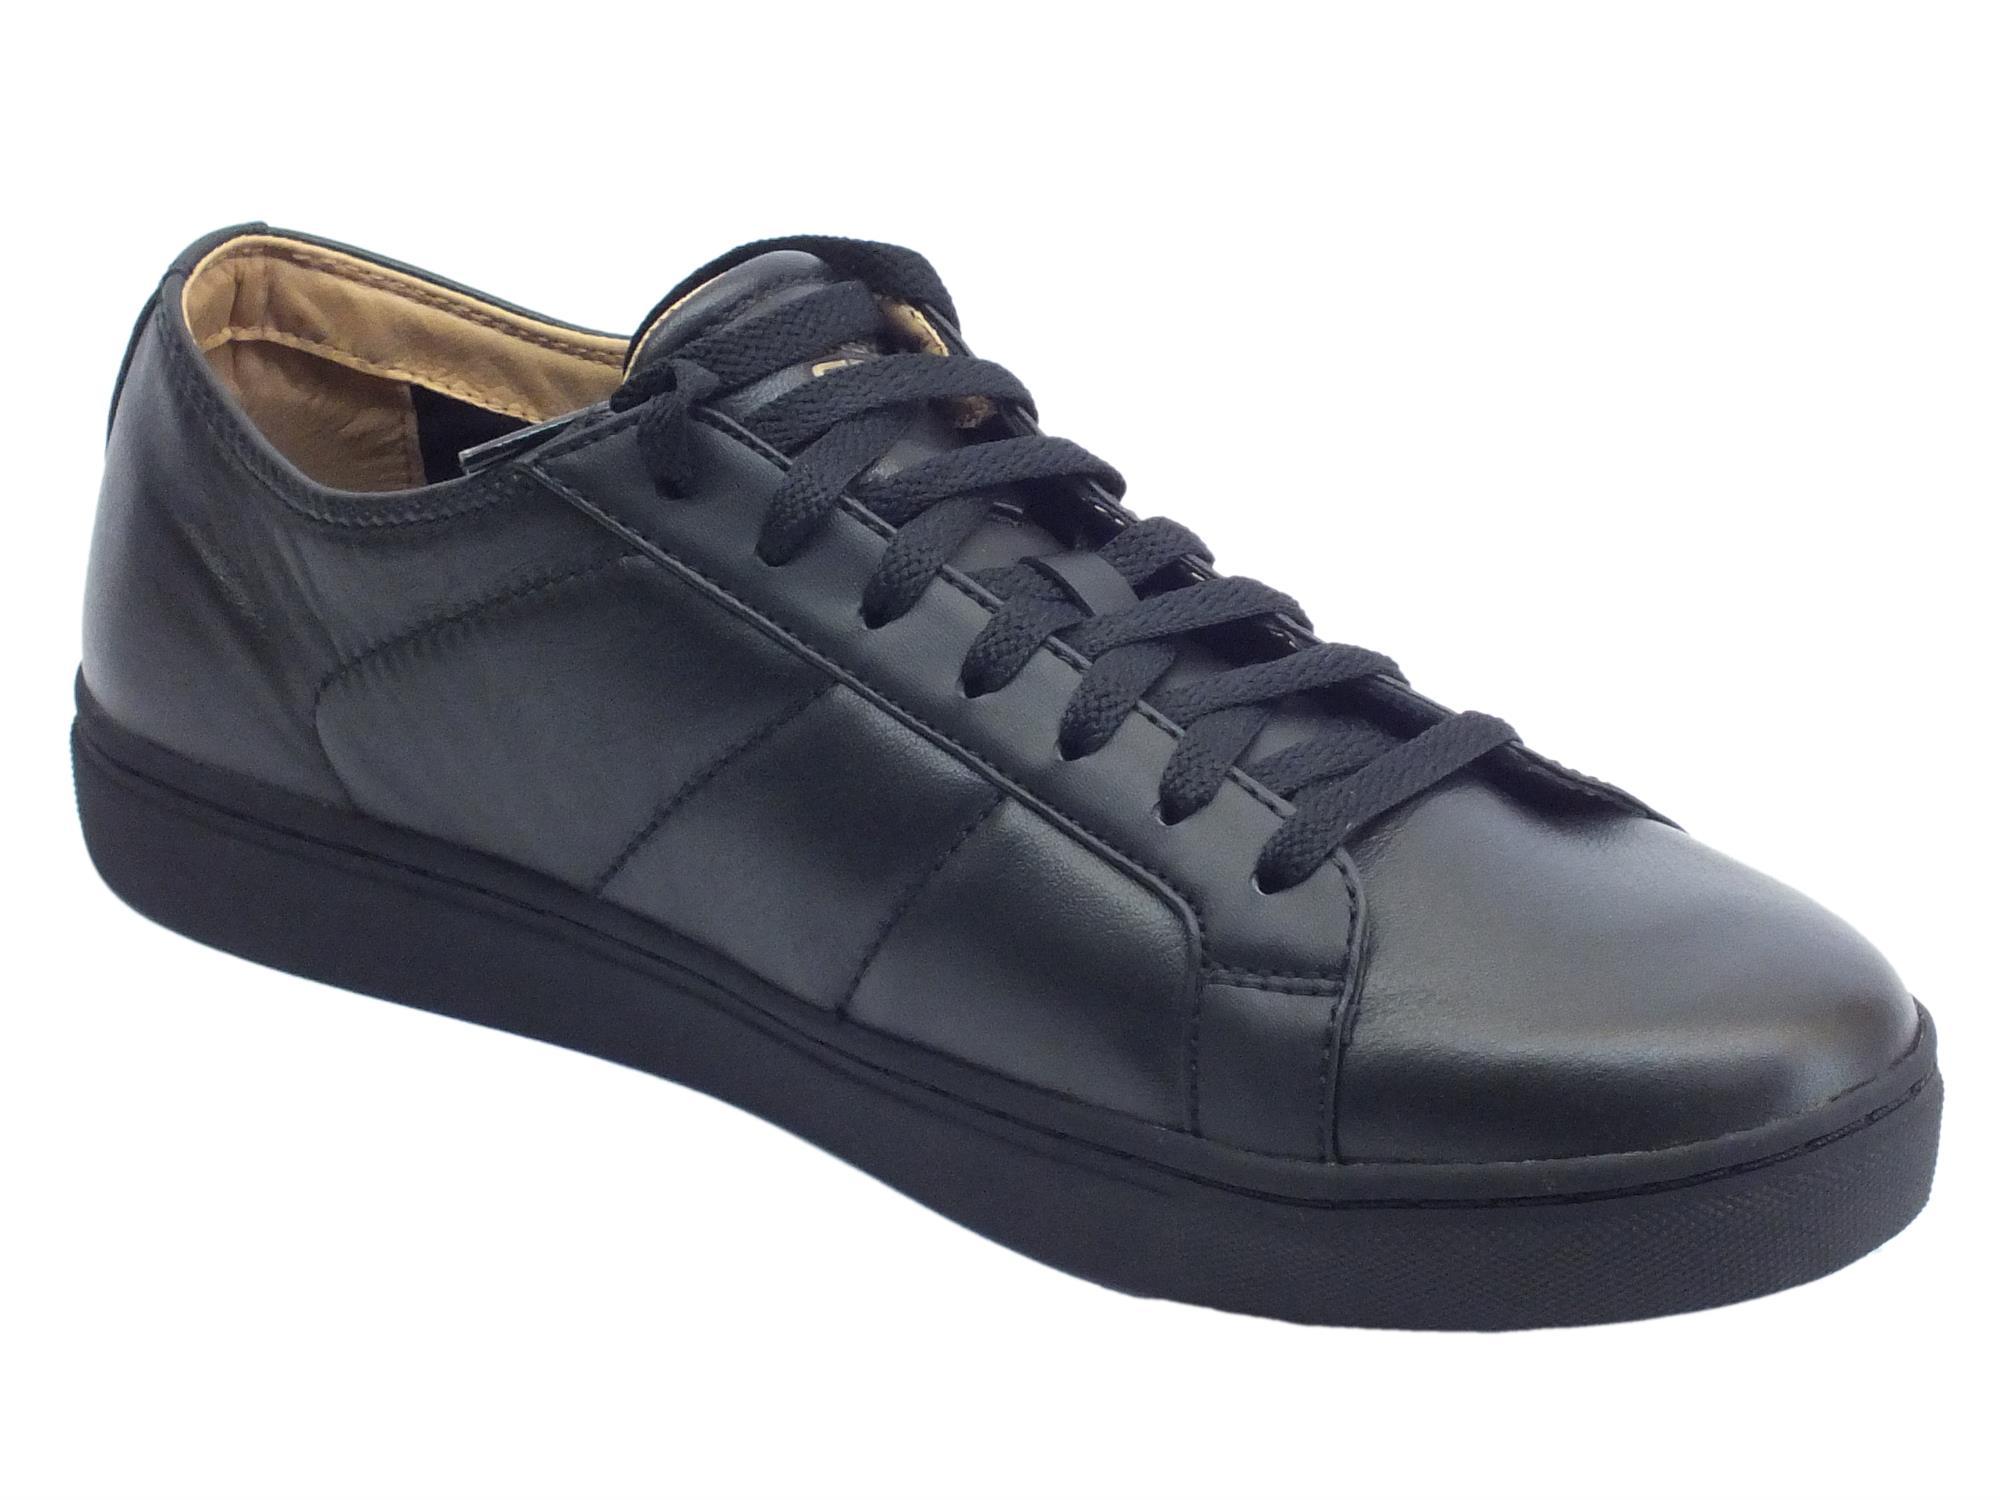 ... Scarpe per uomo Skechers Street Los Angeles in pelle nera con memory  foam ... 2a9b99bd0c4